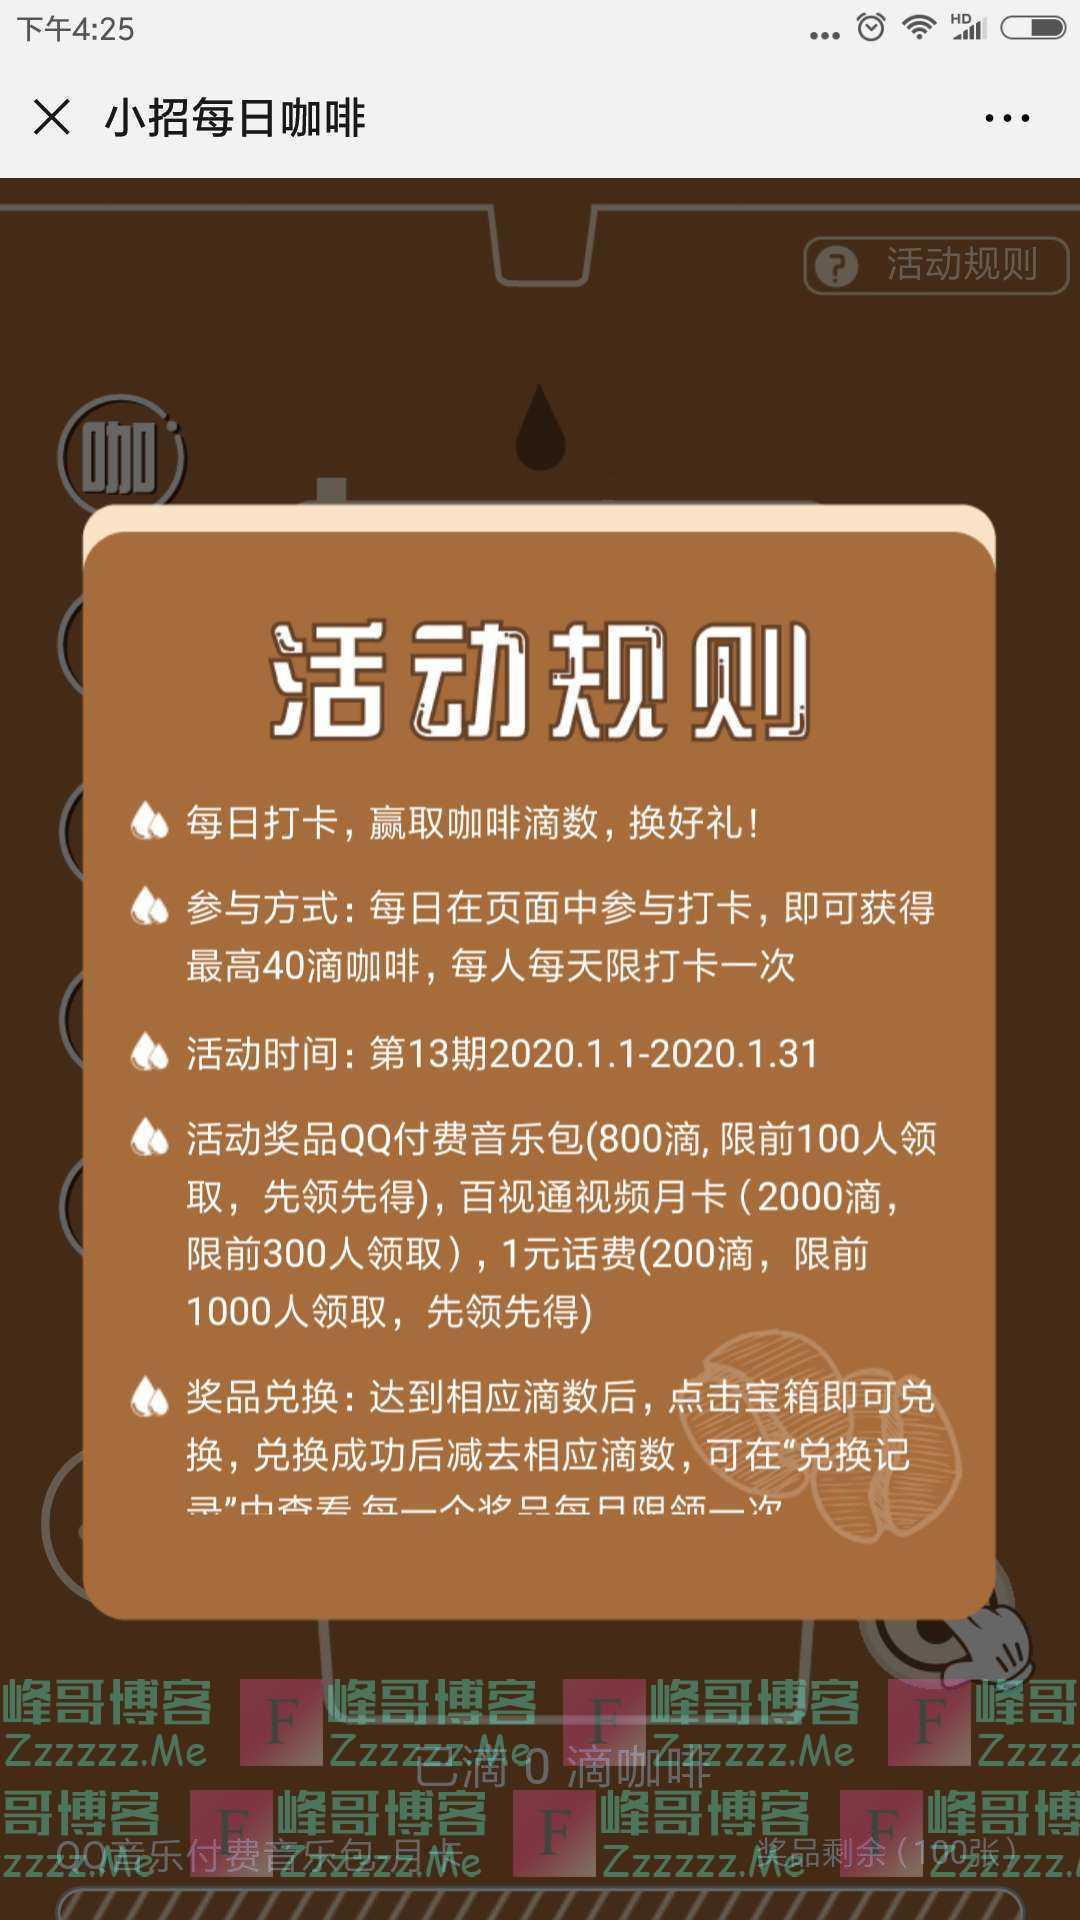 招行xing/用卡小招每日咖啡第13期(截止1月31日)